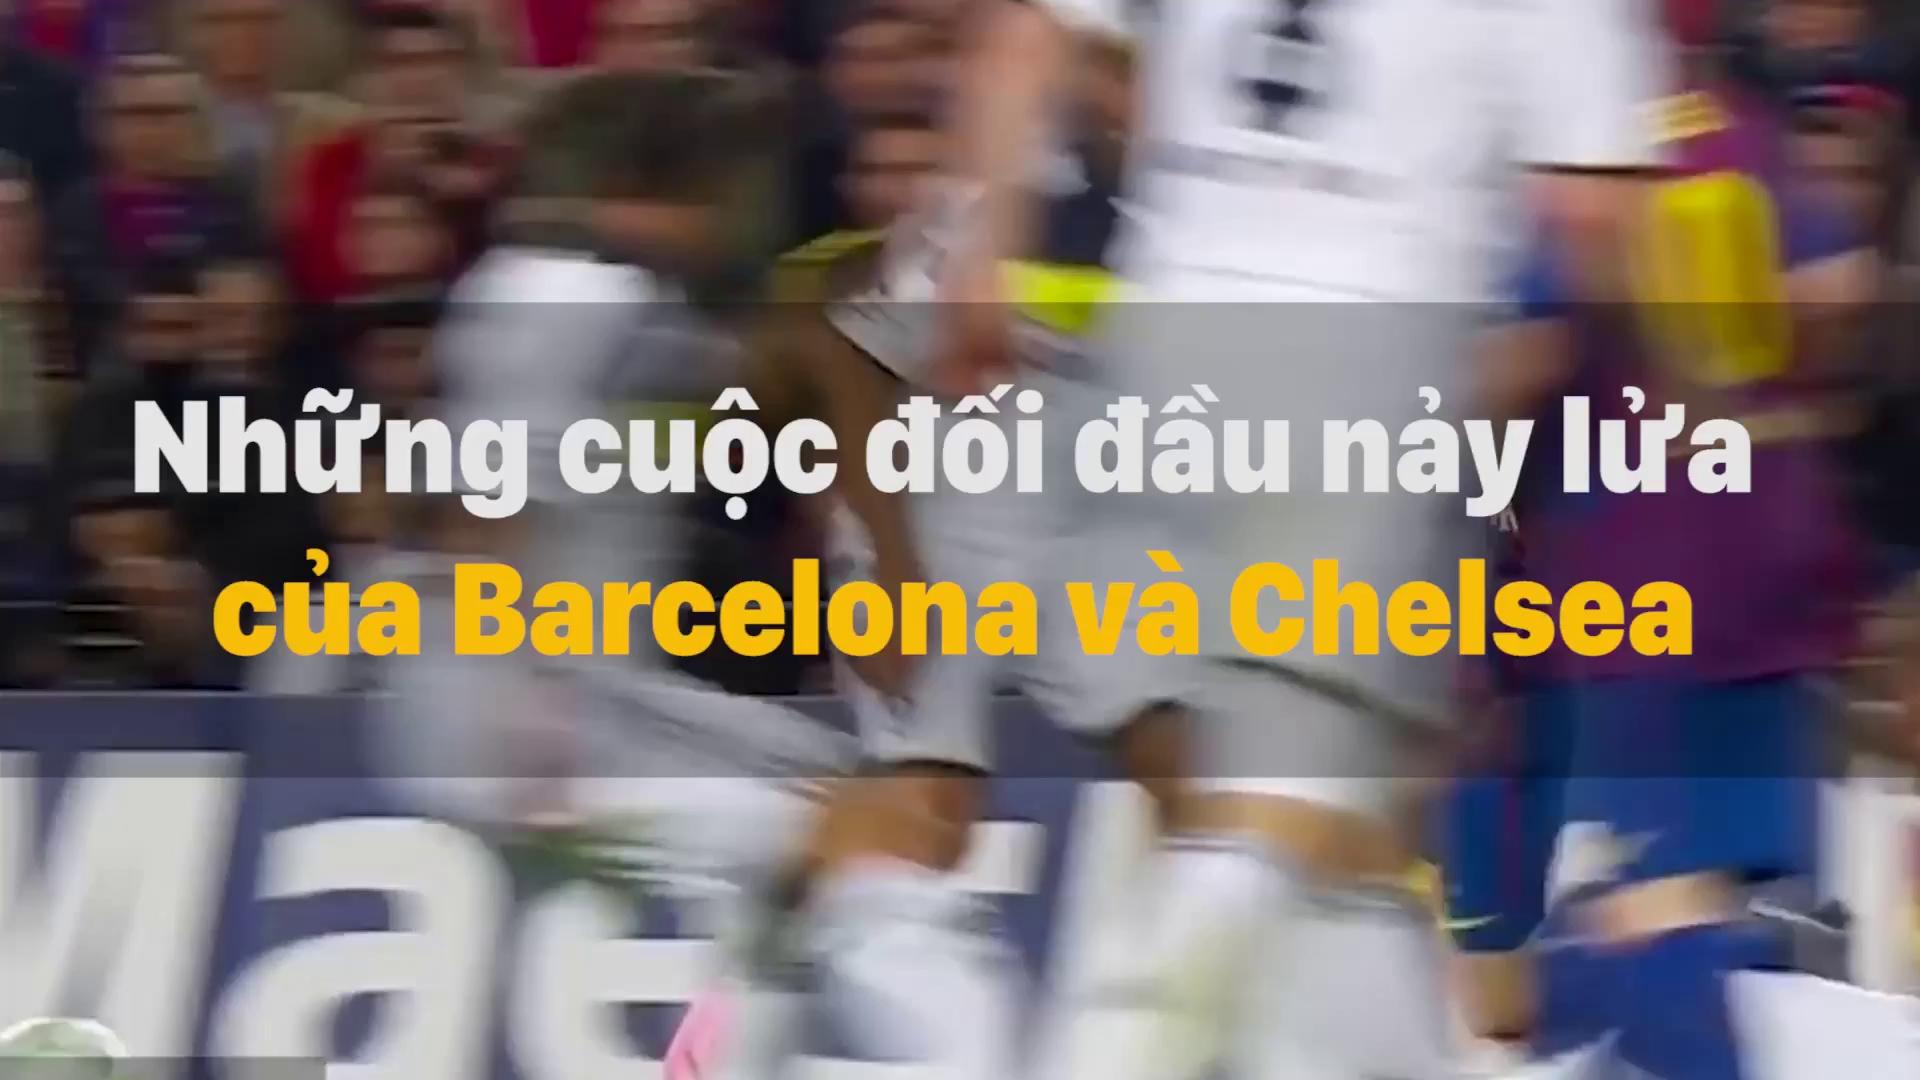 """Những cuộc đối đầu """"nảy lửa"""" giữa Barcelona và Chelsea"""